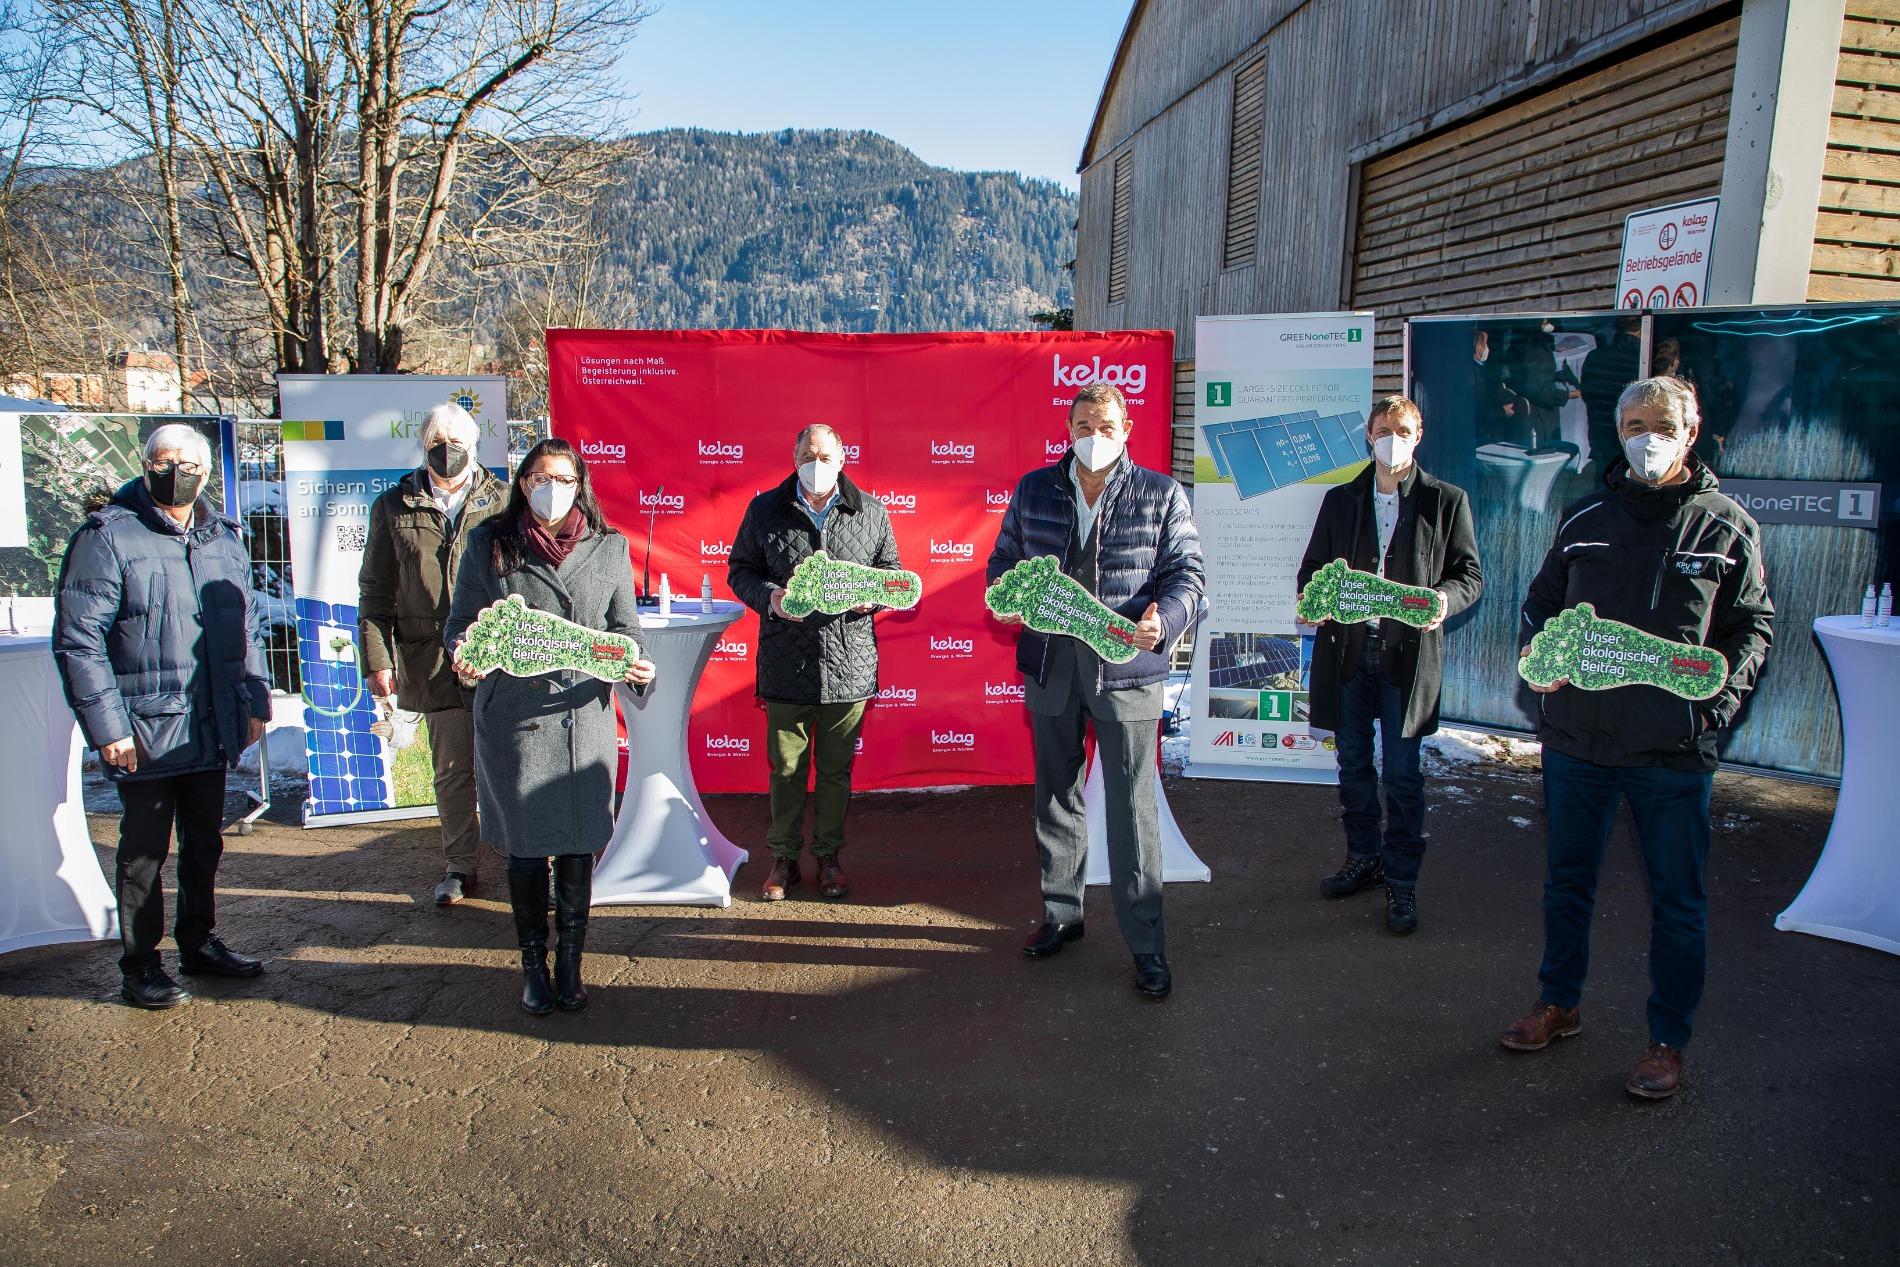 Gruppenfoto der Projektpartner beim Baubeginn der Solaren Großanlage in Friesach